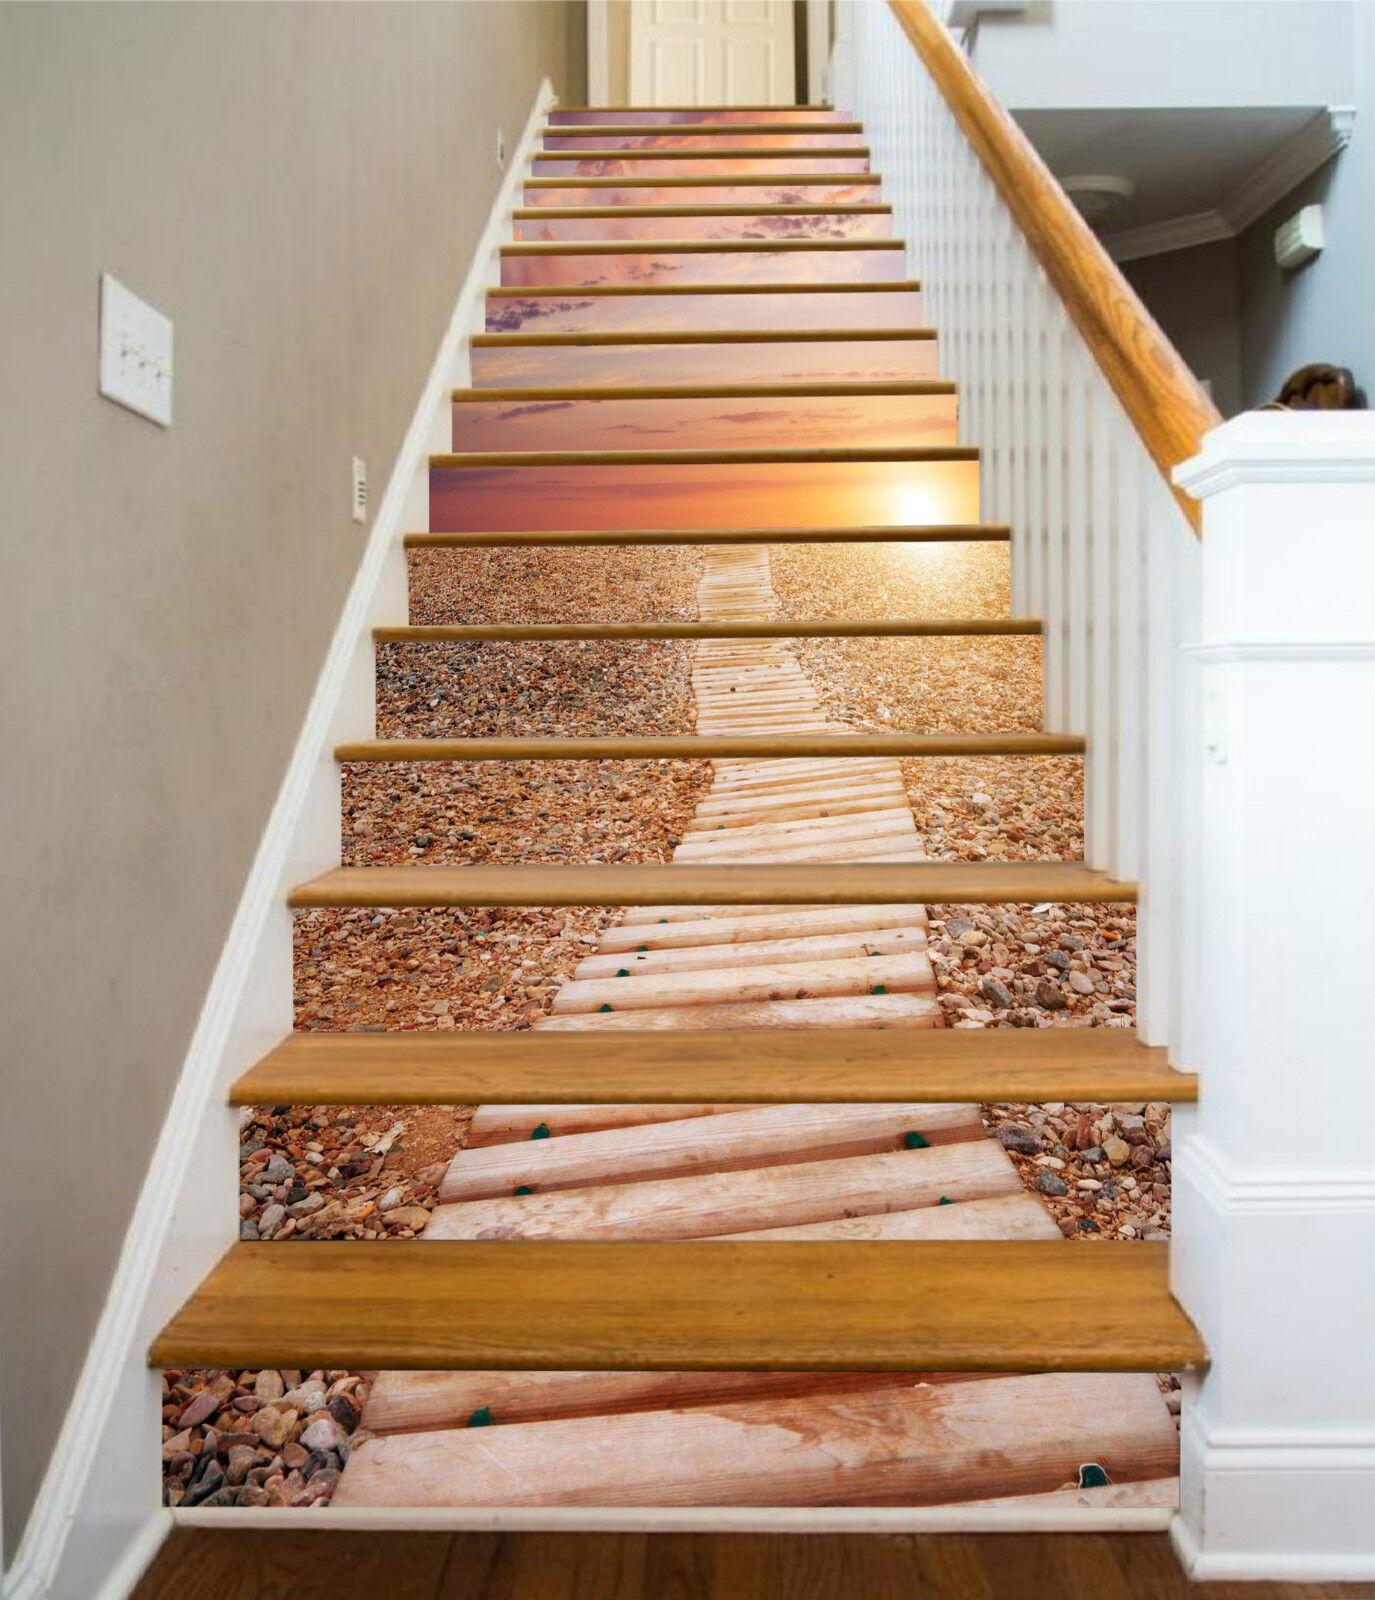 3D Holzsteg Sonne 1 Stair Risers Dekoration Fototapete Vinyl Aufkleber Tapete DE